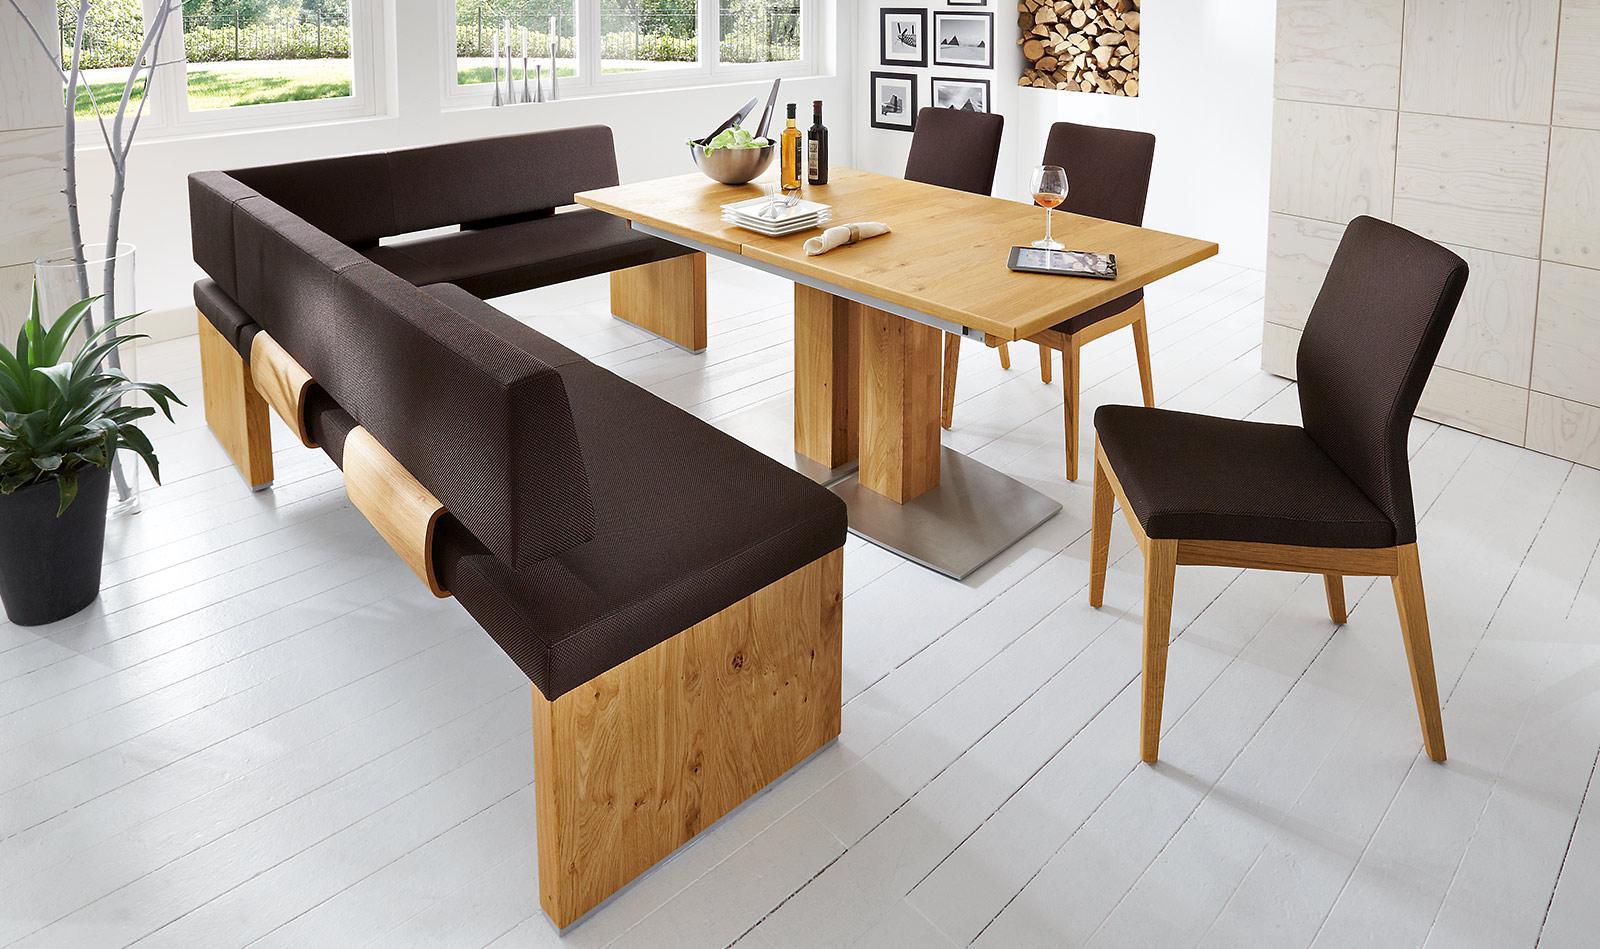 dining rooms ranges impuls venjakob m bel vorsprung durch design und qualit t. Black Bedroom Furniture Sets. Home Design Ideas